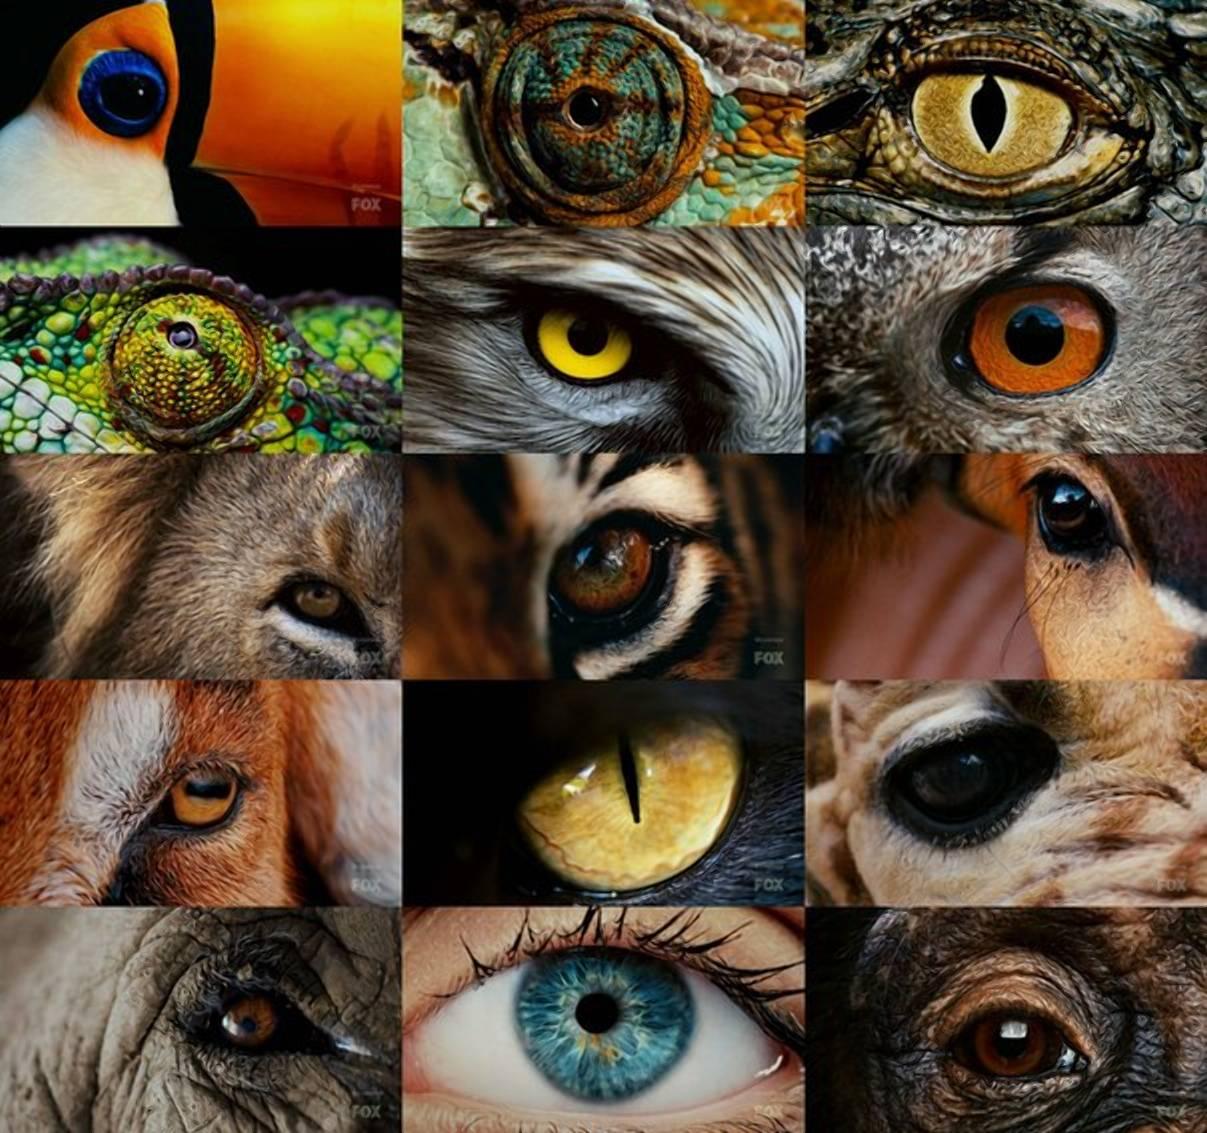 Различает ли собака цвета и насколько хорошо видит в темноте